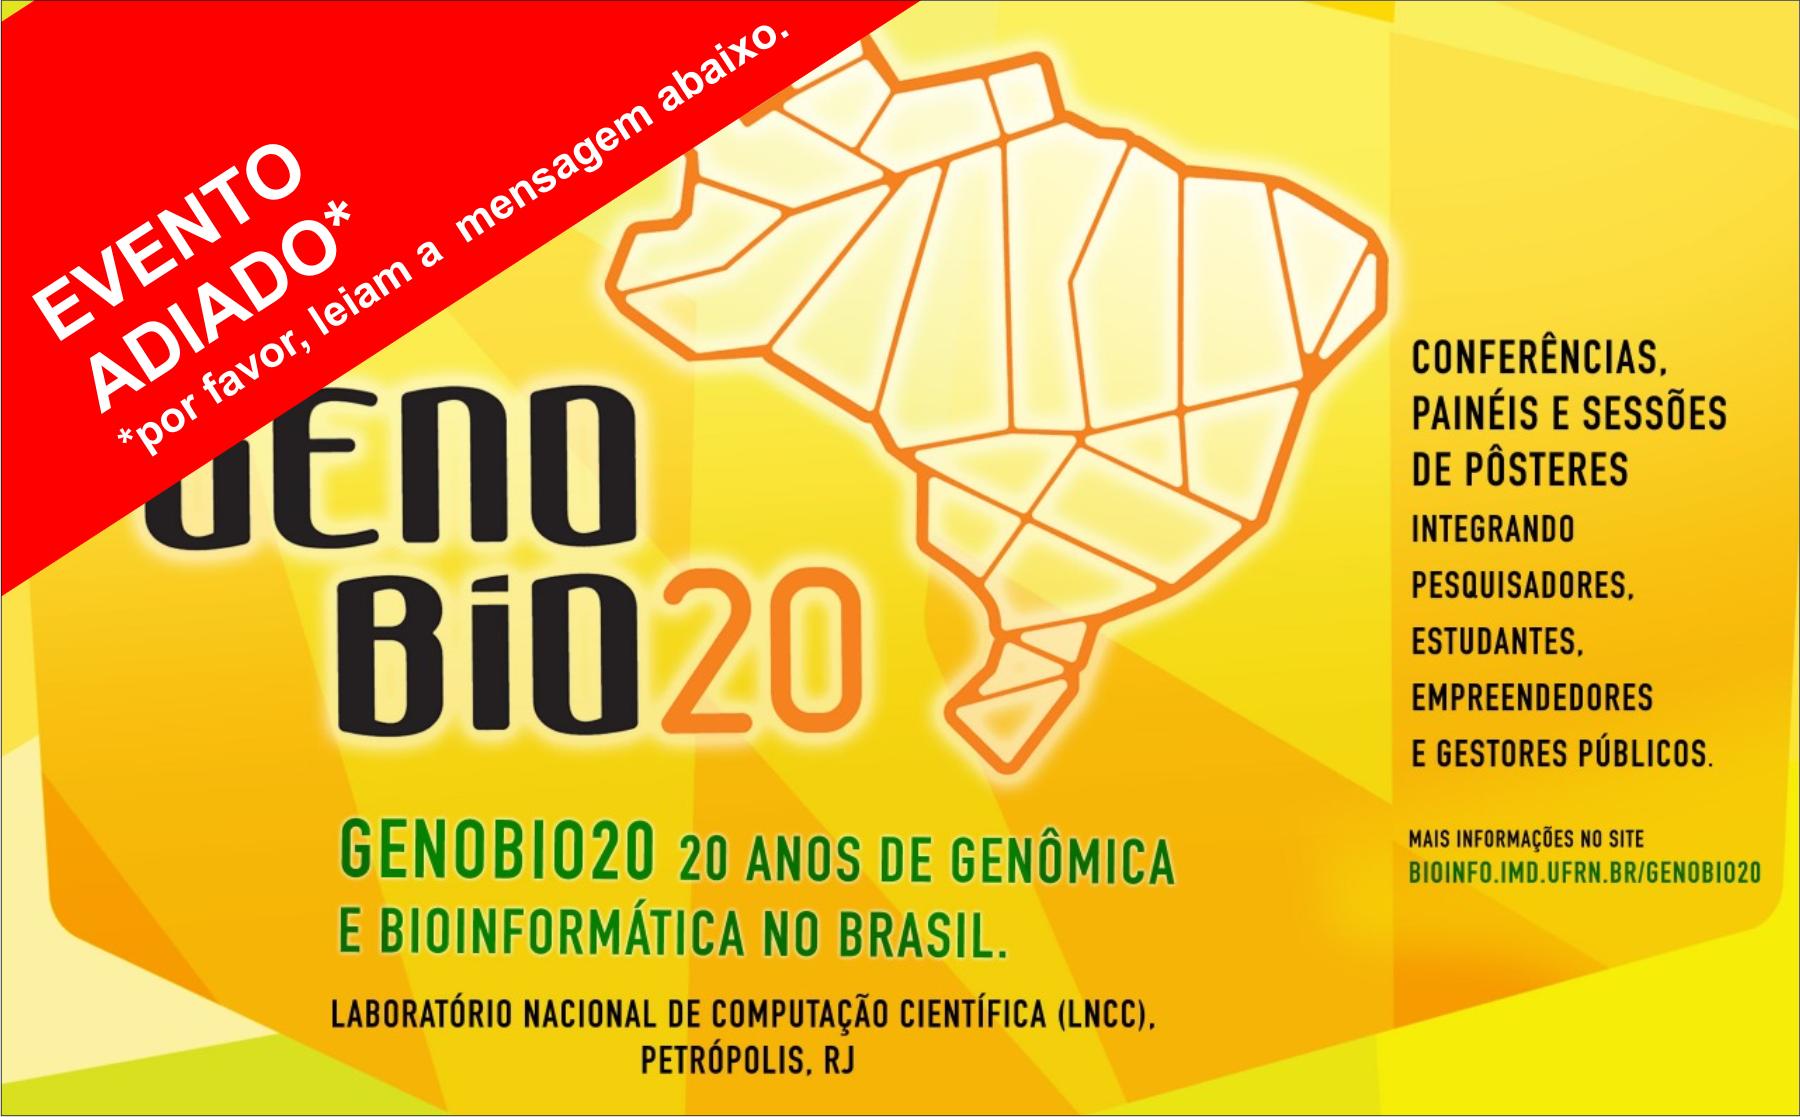 genobio2020.png (1.91 MB)